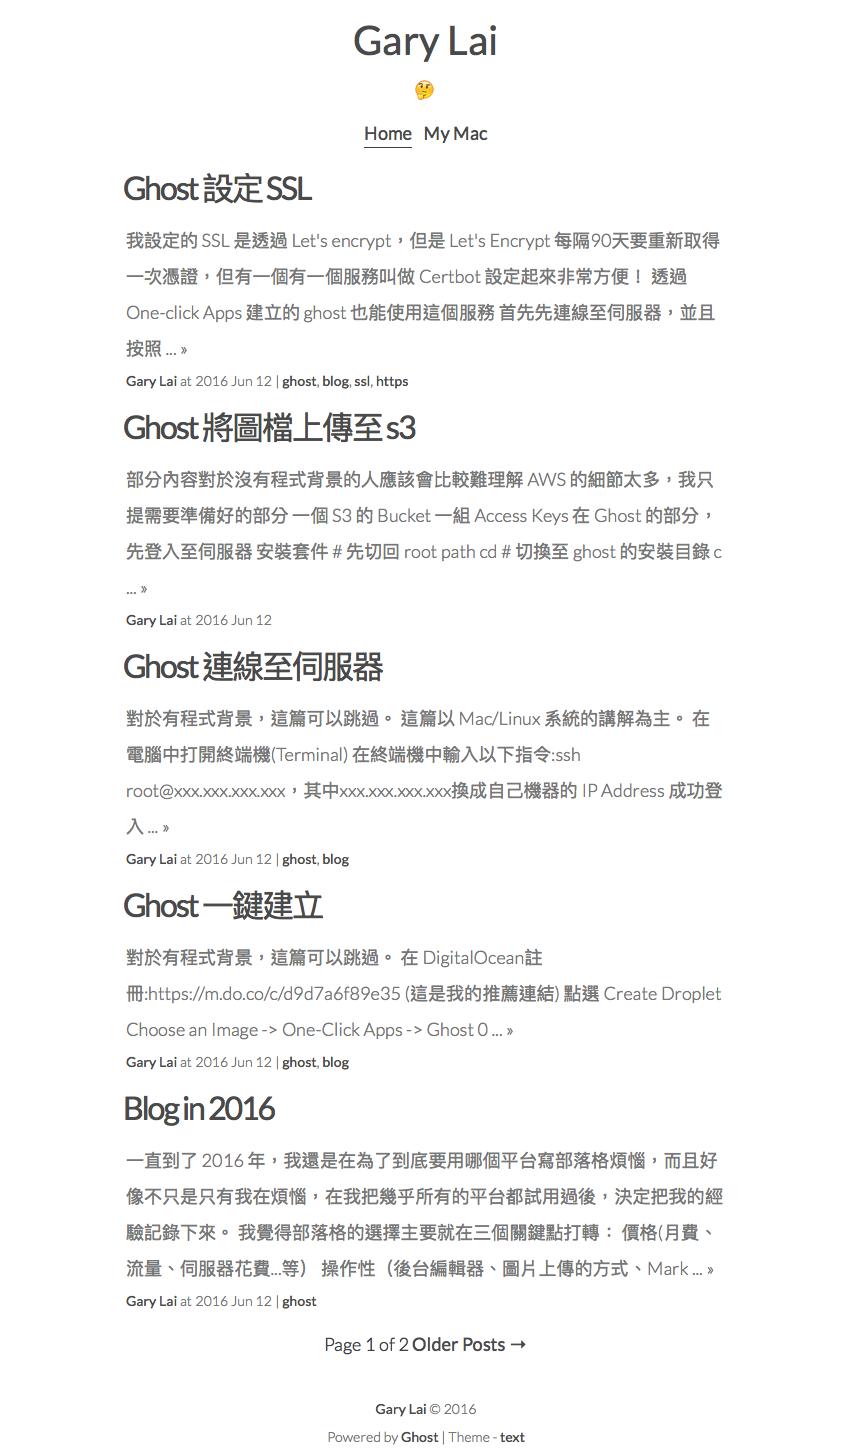 blog.gary-lai.com-1366x768